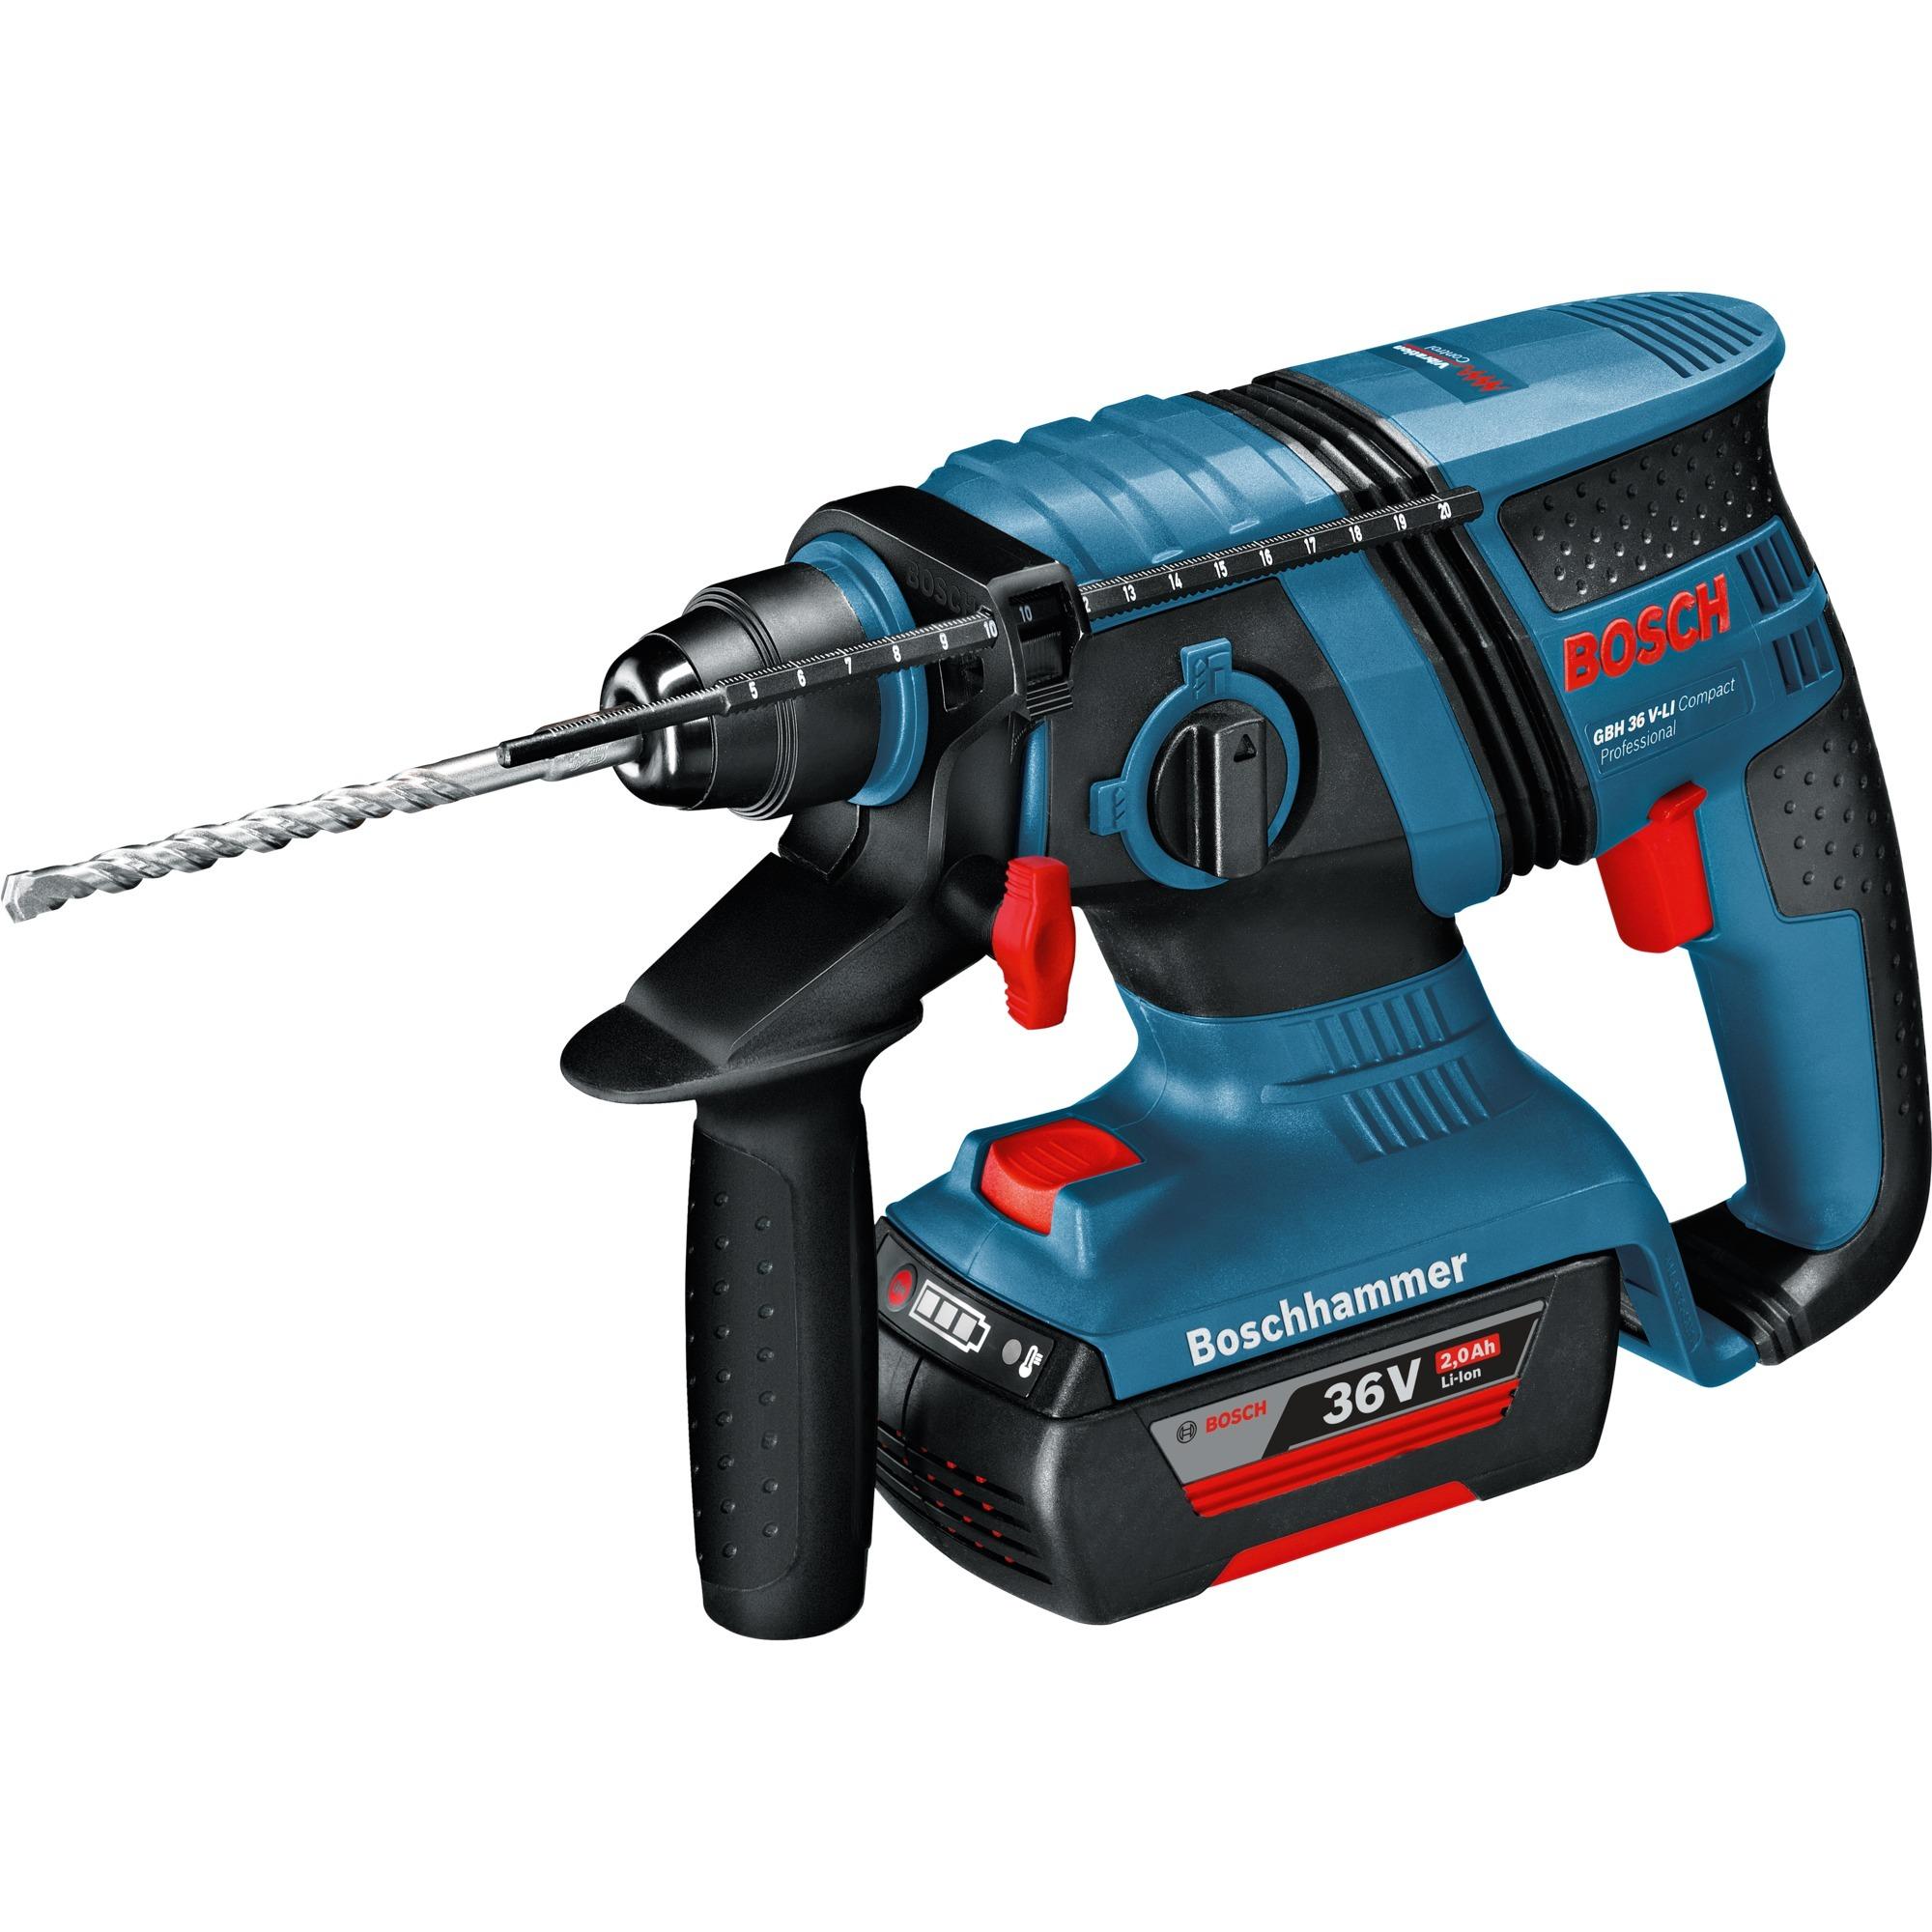 bosch akku-bohrhammer gbh 36 v-ec compact blau, l-boxx 238, 2x akku